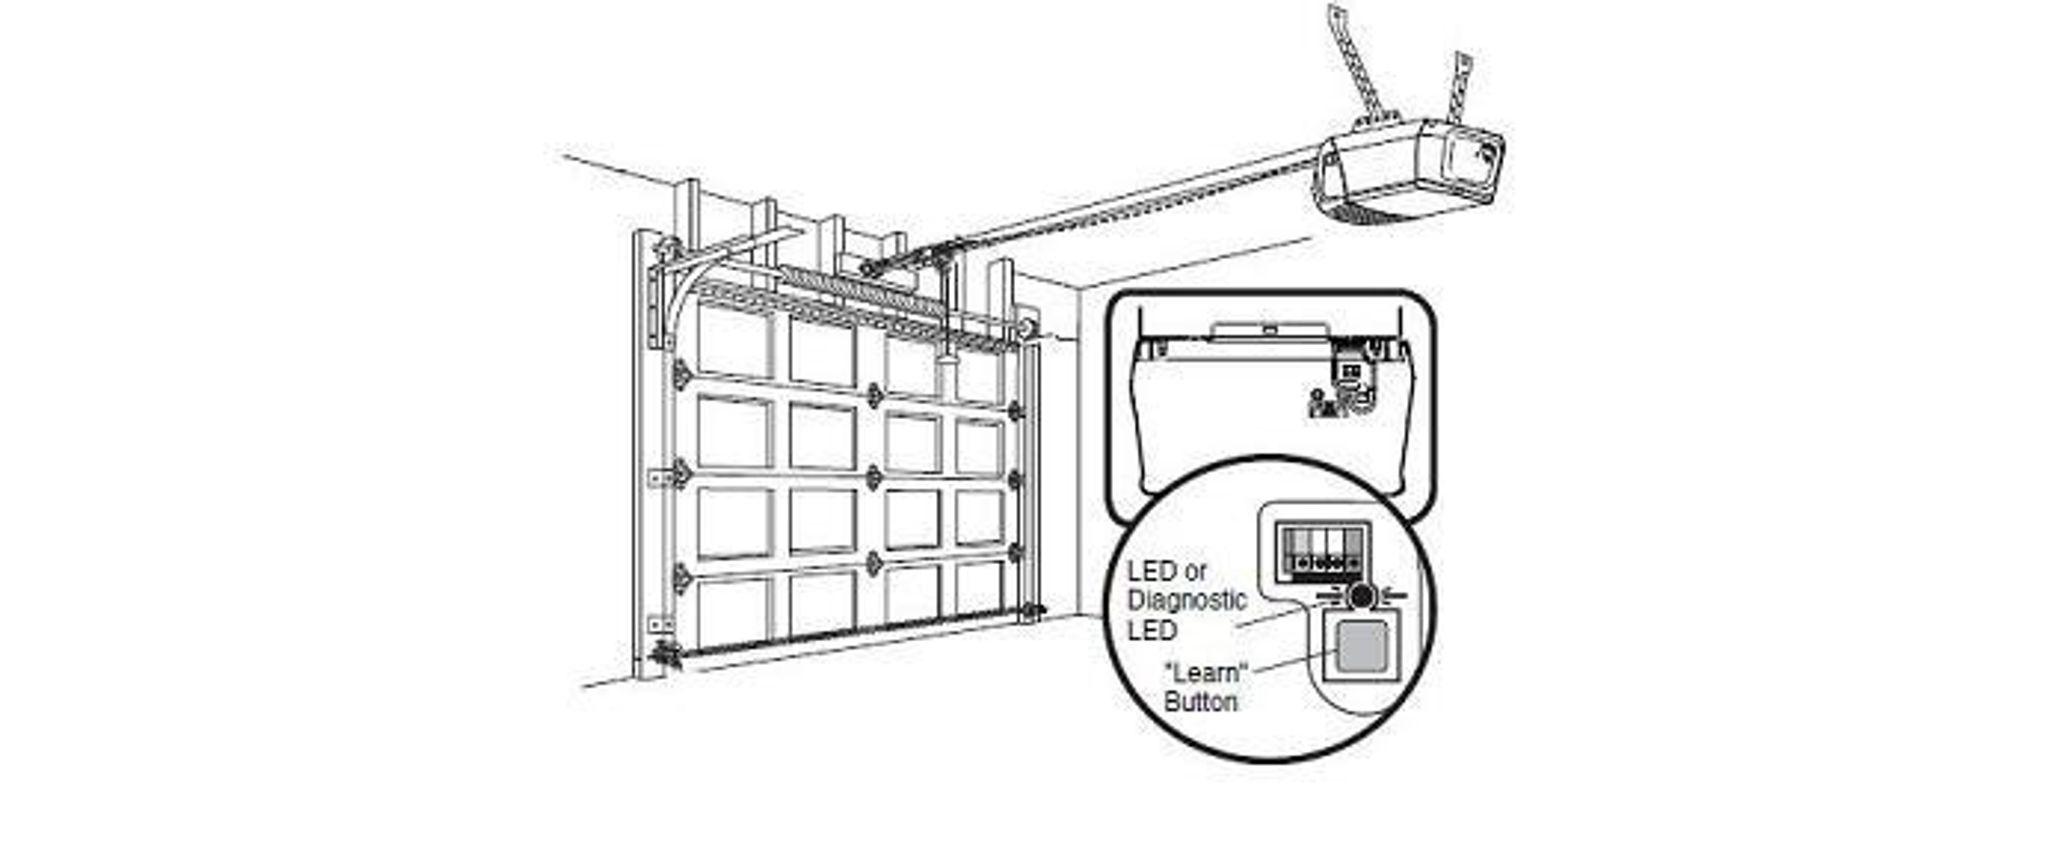 Stanley Garage Door Opener Wiring Diagram. Liftmaster